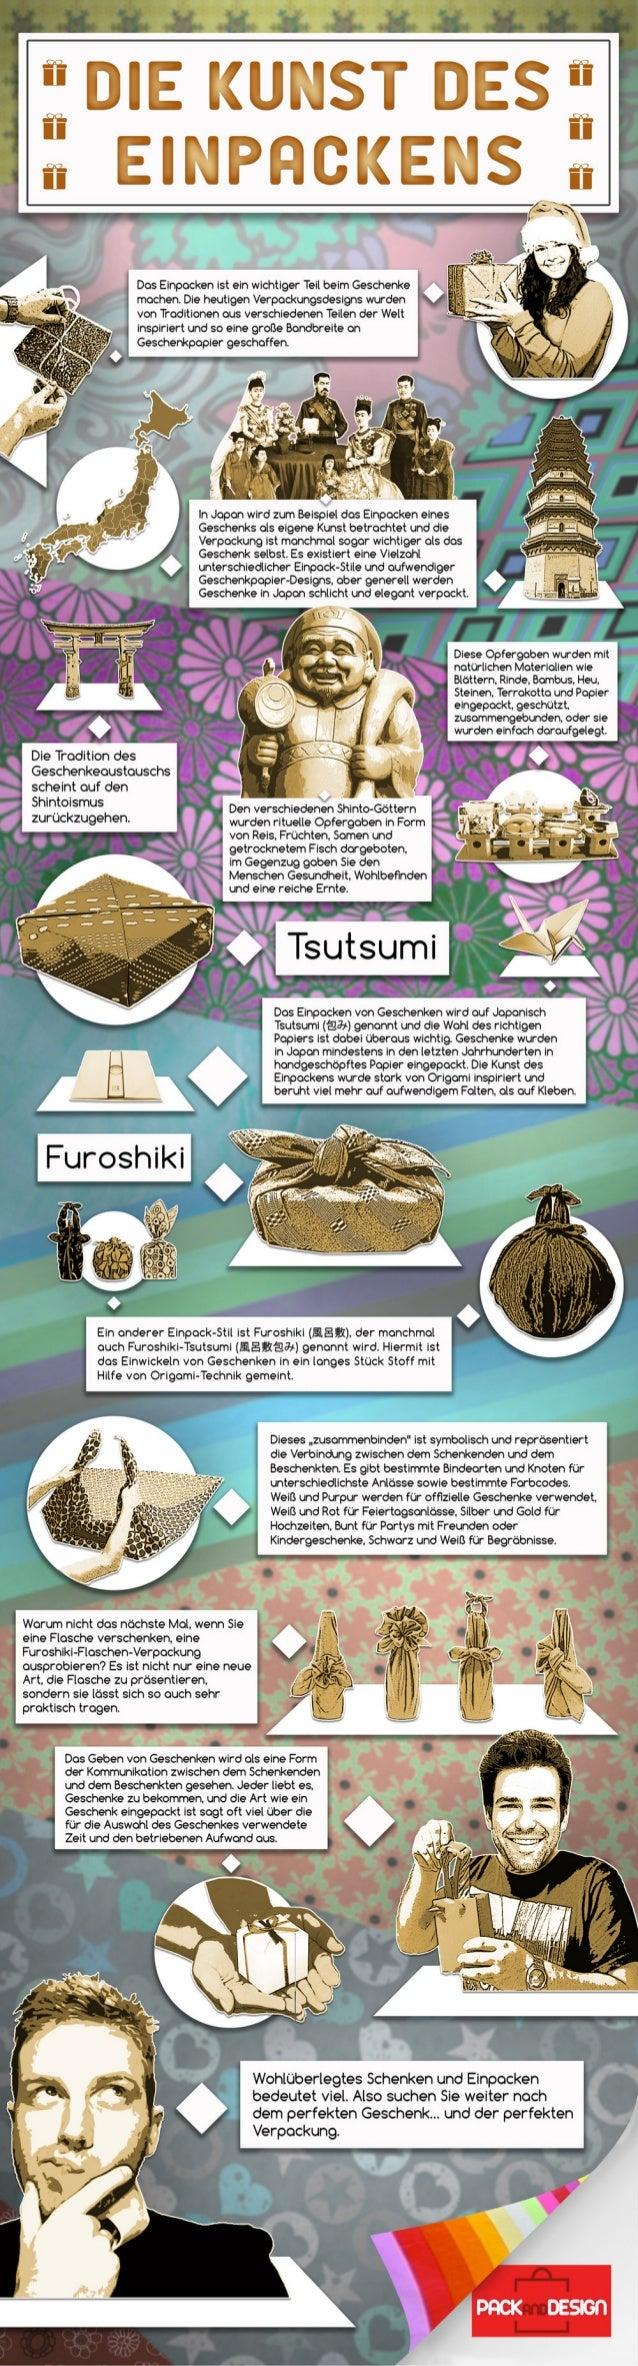 Göttliche Verpackungen bei Pack & Design